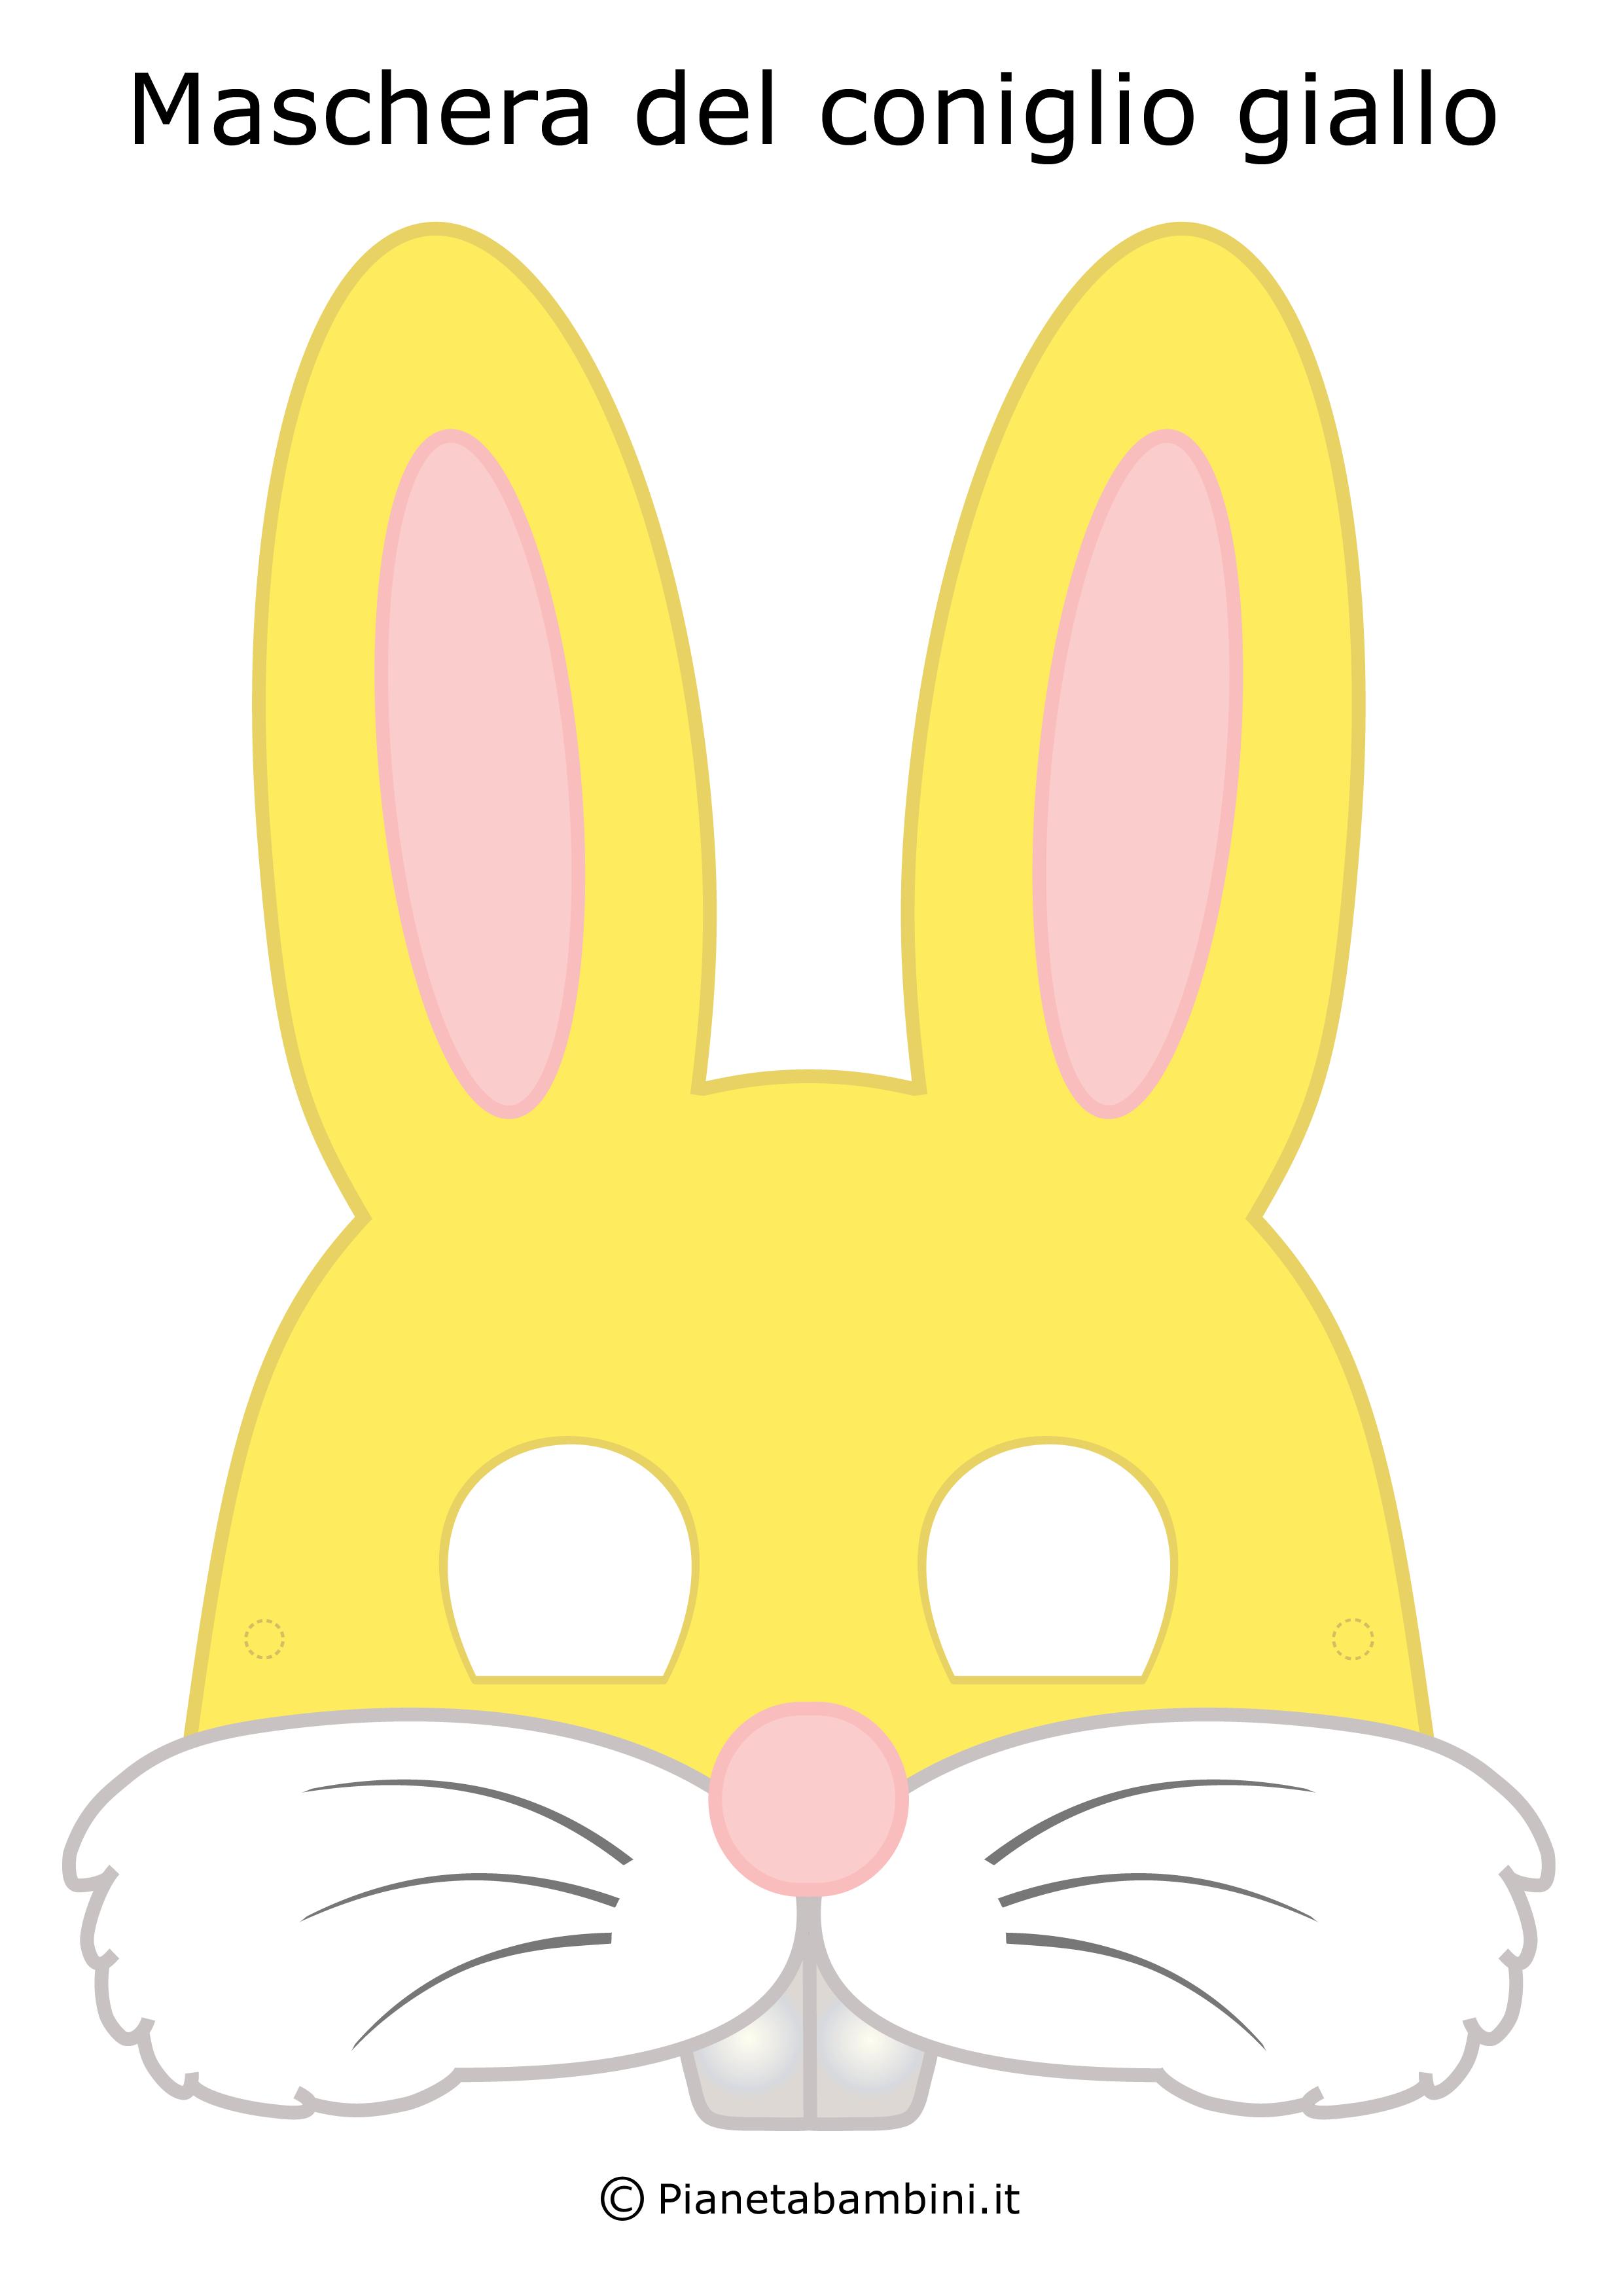 Immagine della maschera da coniglio giallo